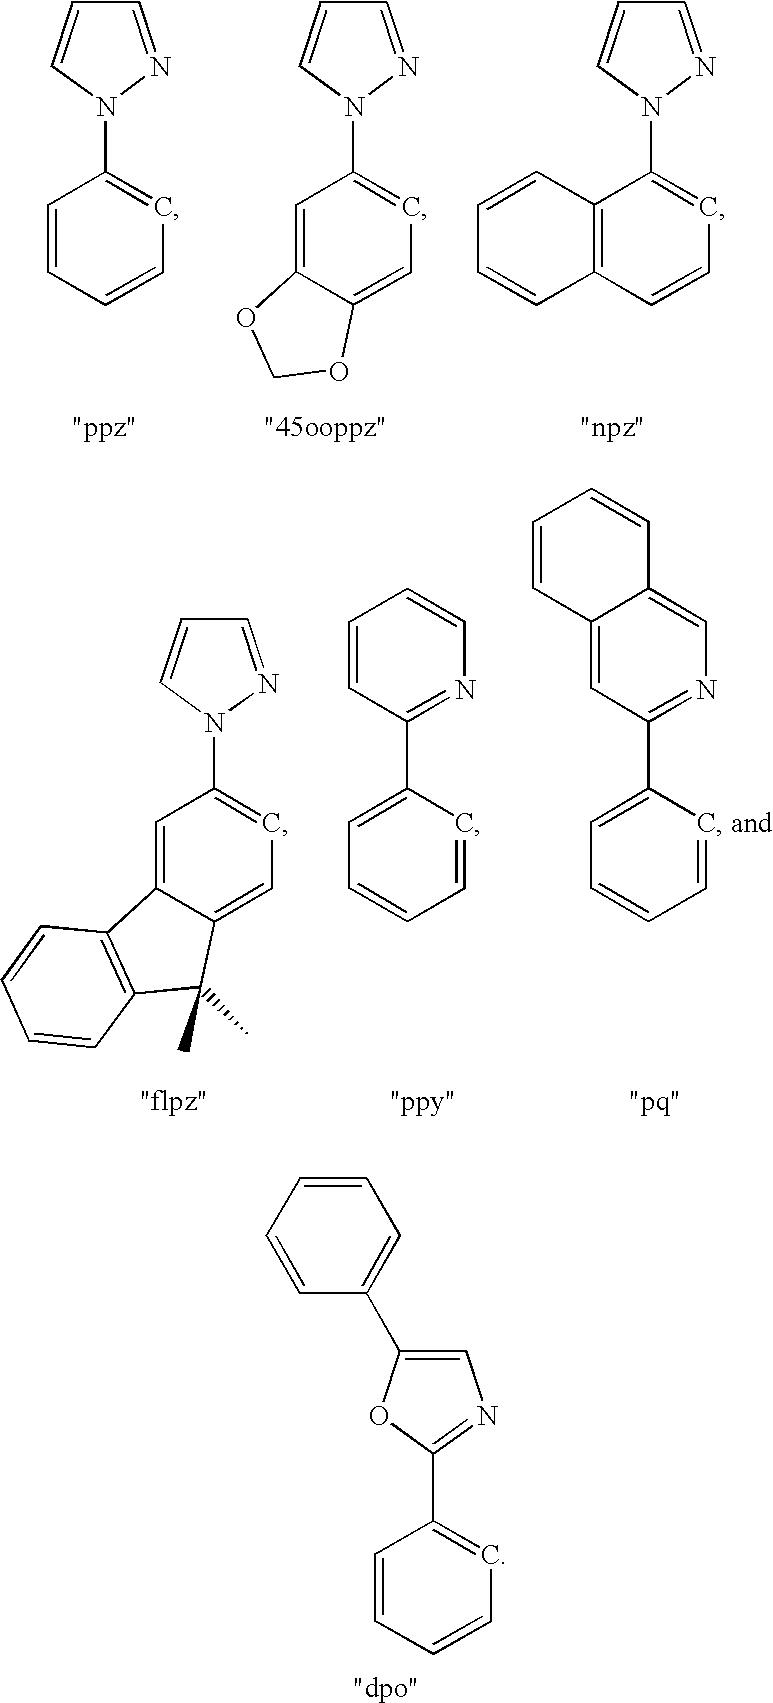 Figure US20100013386A1-20100121-C00012